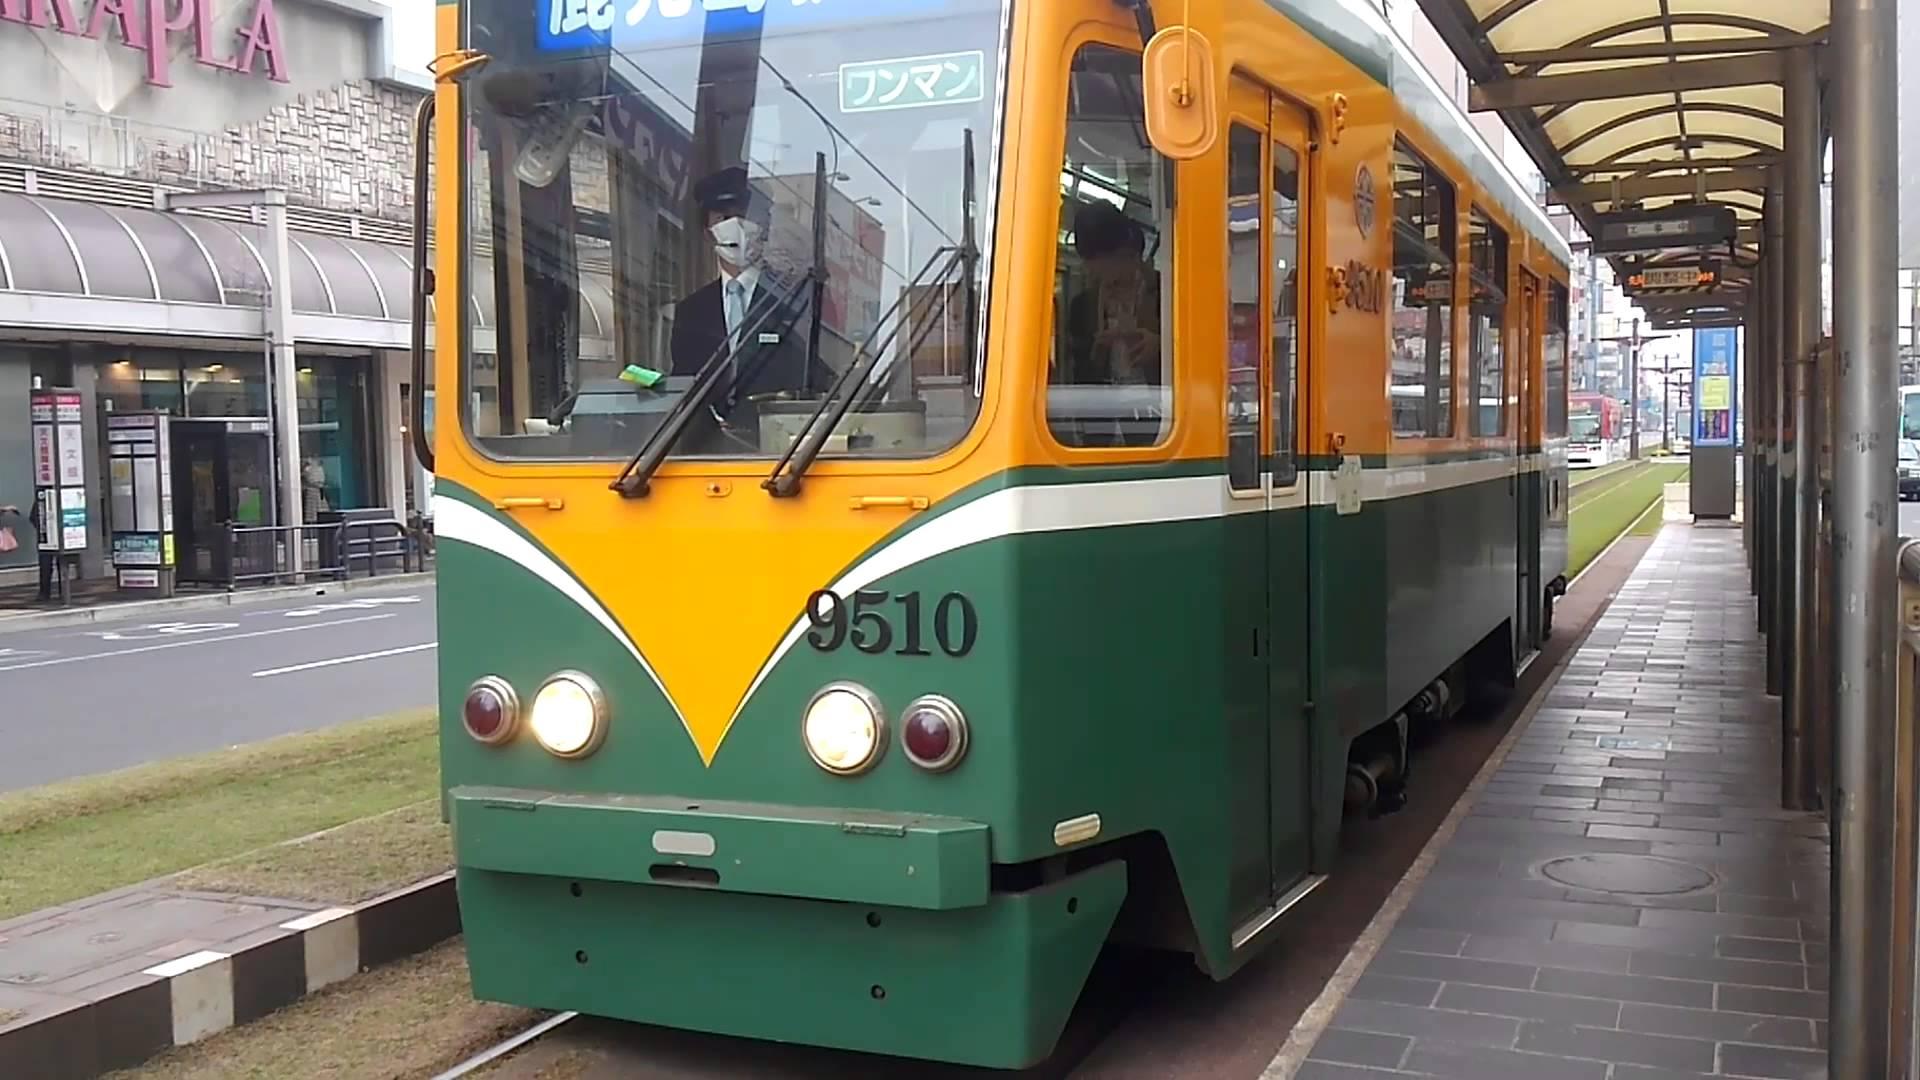 鹿児島市の観光スポットまとめ!市電で回れる市内周辺のおすすめ名所!